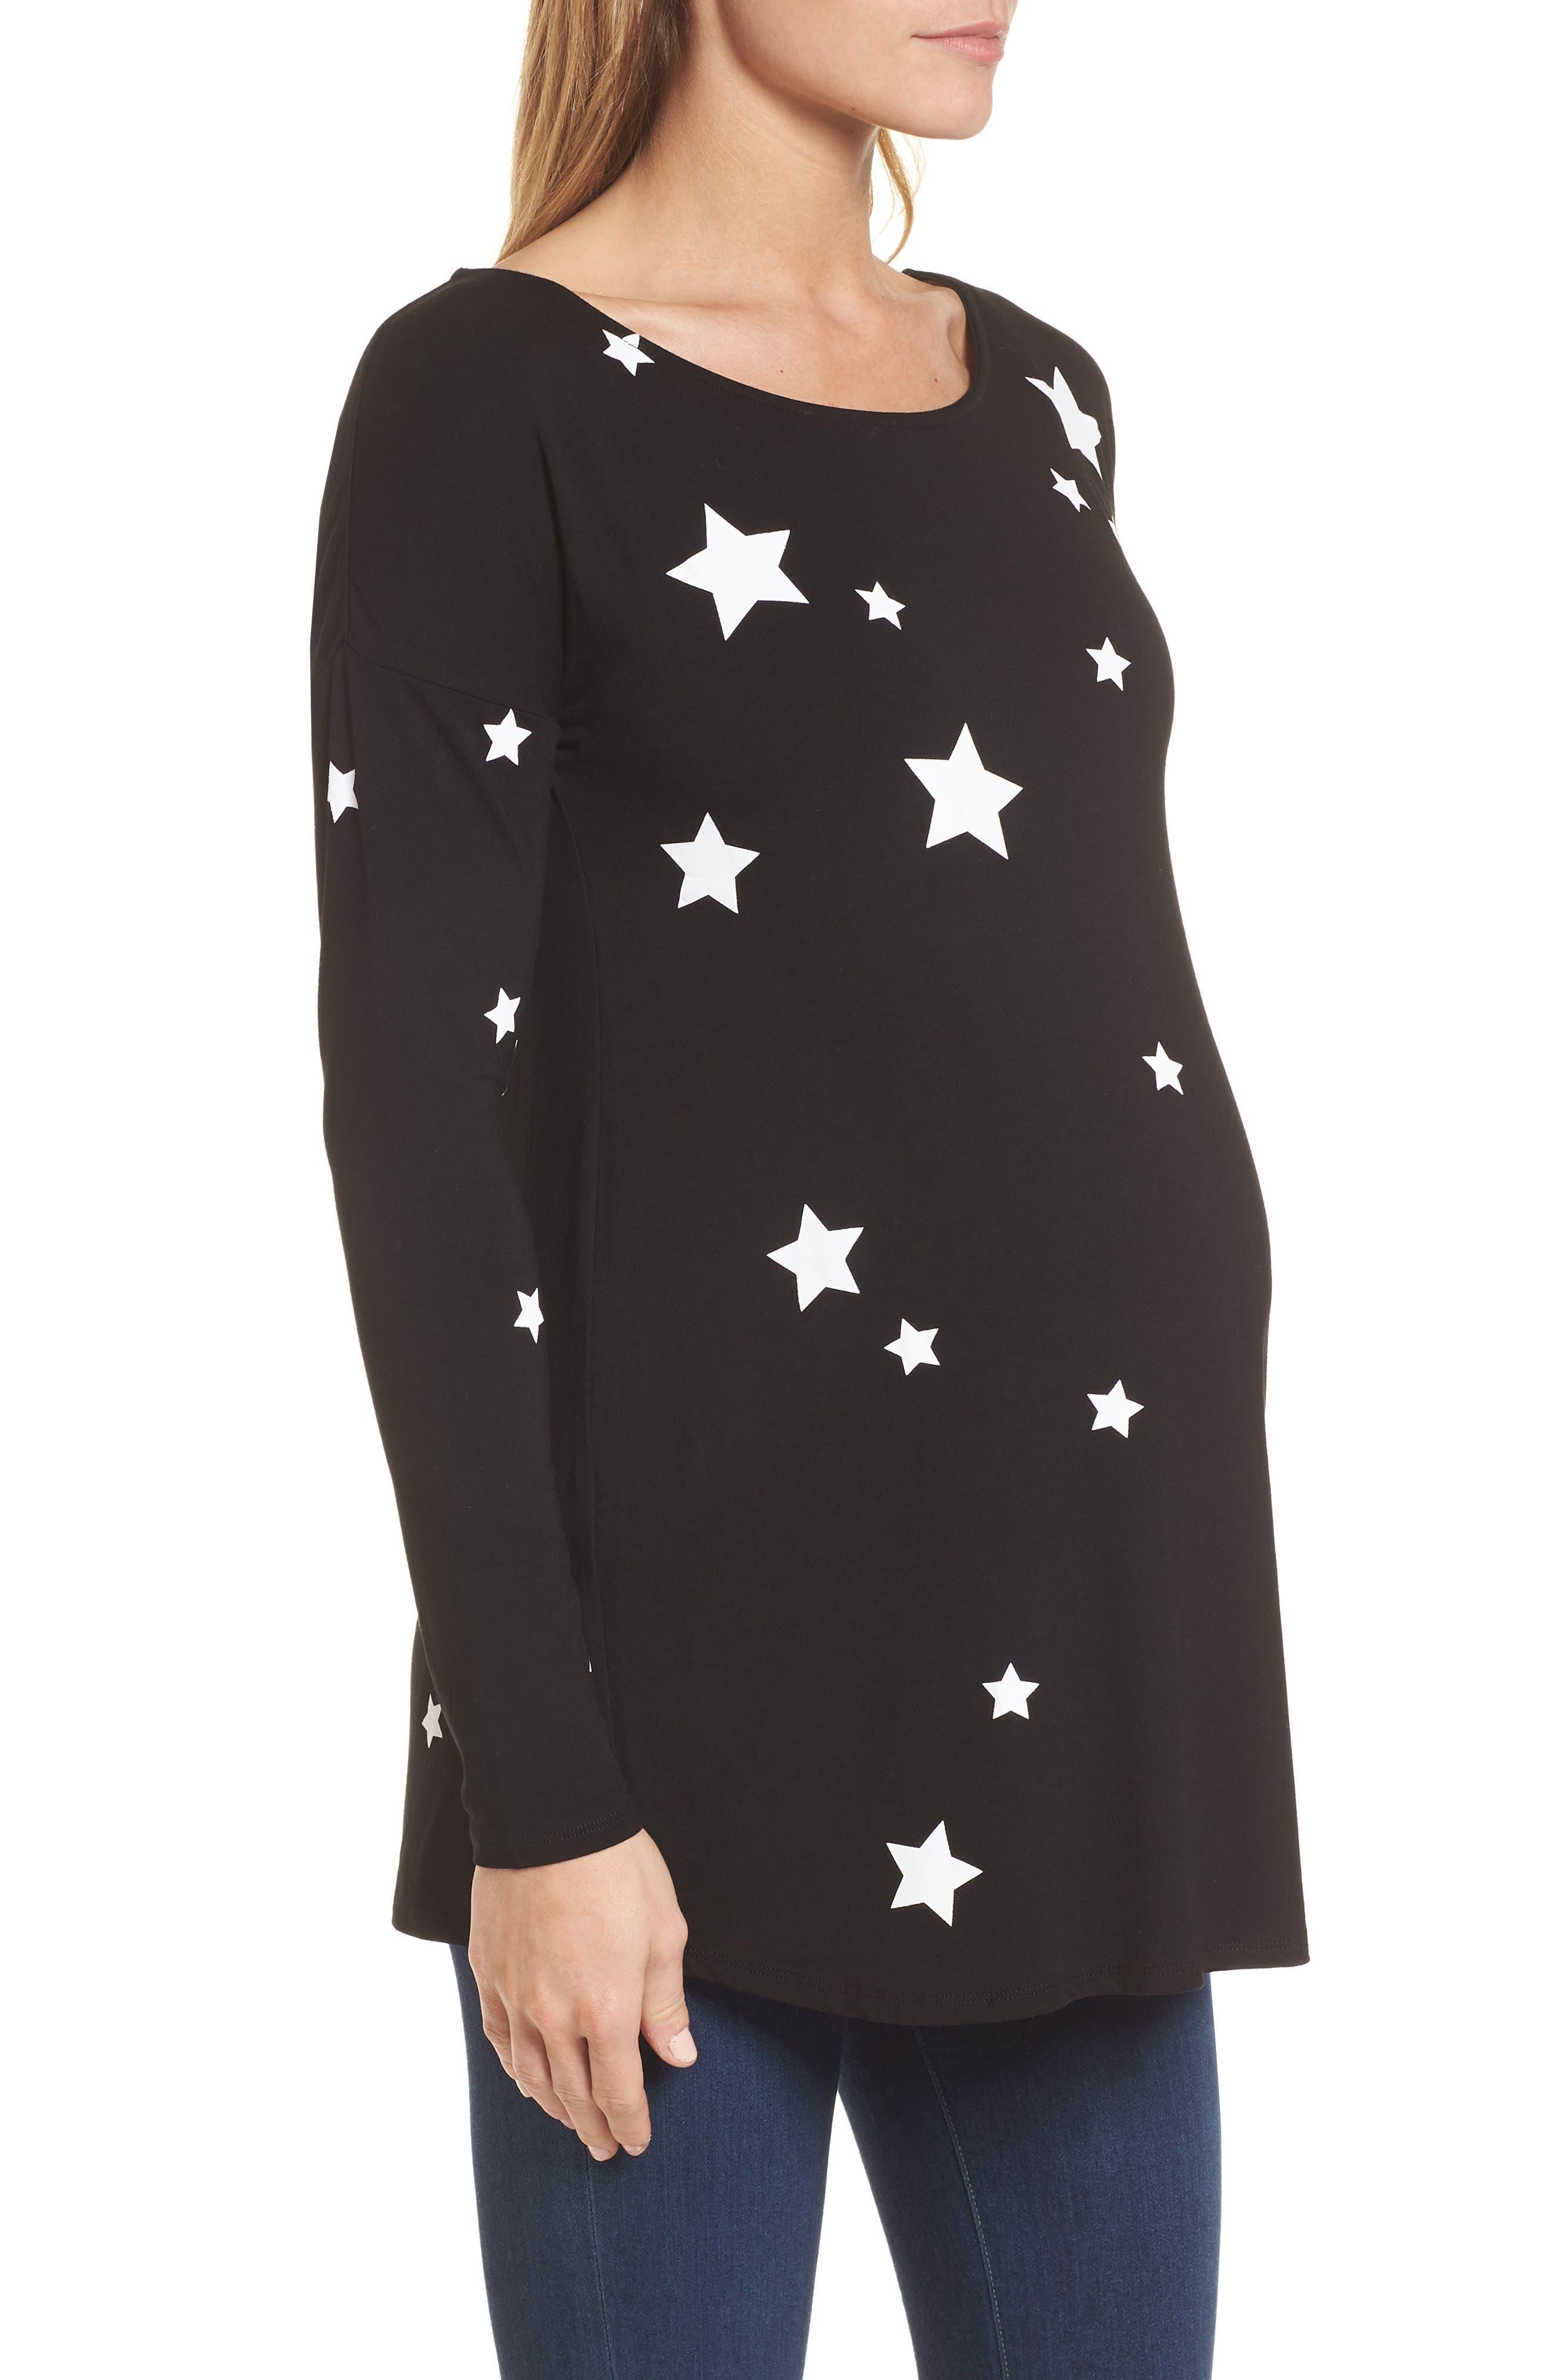 Rosie Maternity Tee,                             Alternate thumbnail 3, color,                             Black/White Stars